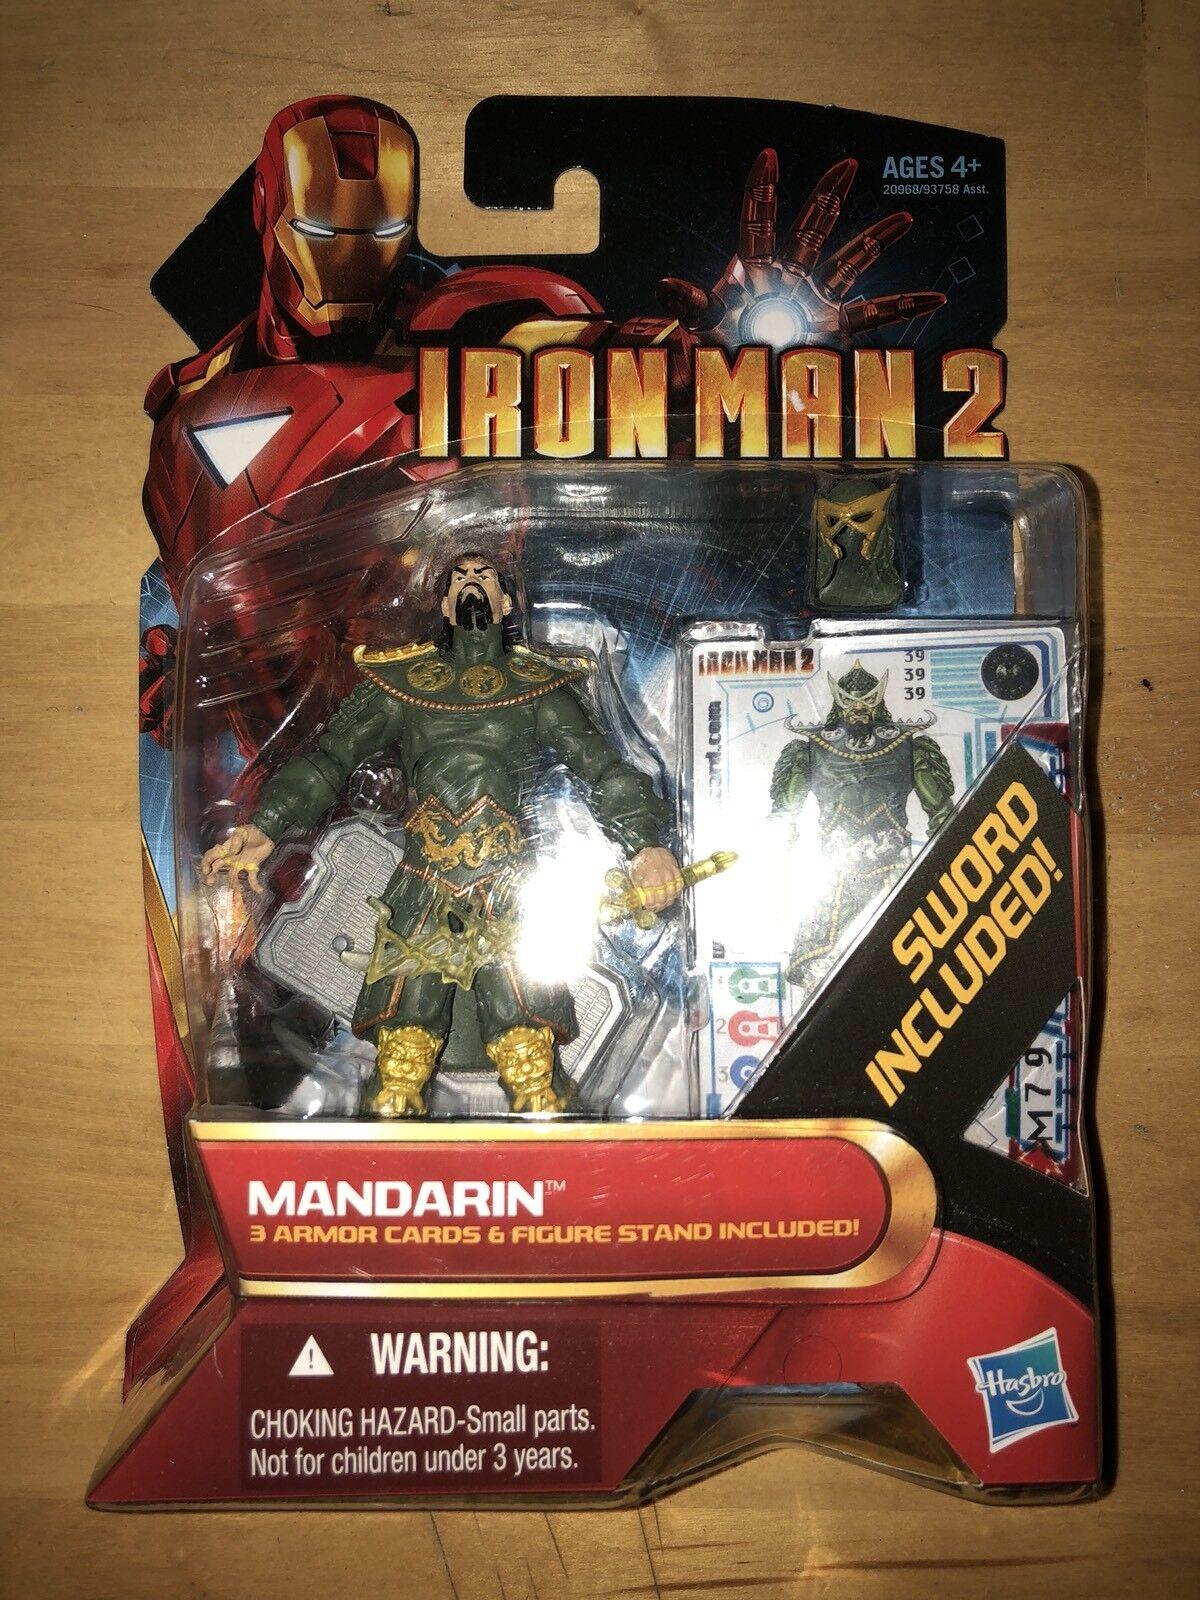 Marvel IRON MAN 2 Madarin AF IM2 11